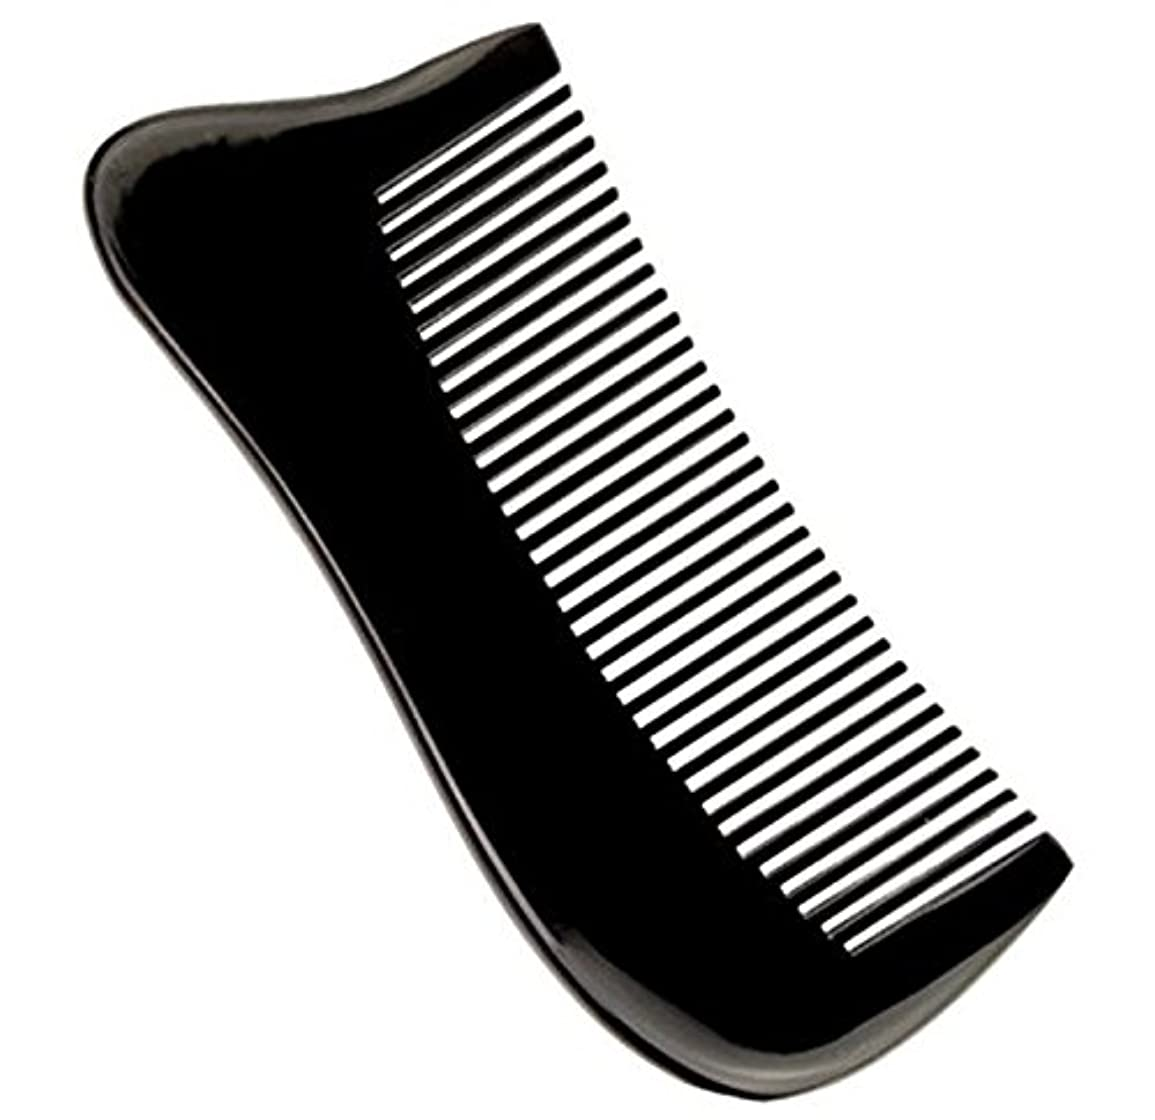 数字干し草アフリカ人櫛型 プロも使う牛角かっさプレート マサージ用 血行改善 高級 天然 静電気防止 美髪 美顔 ボディ リンパマッサージ